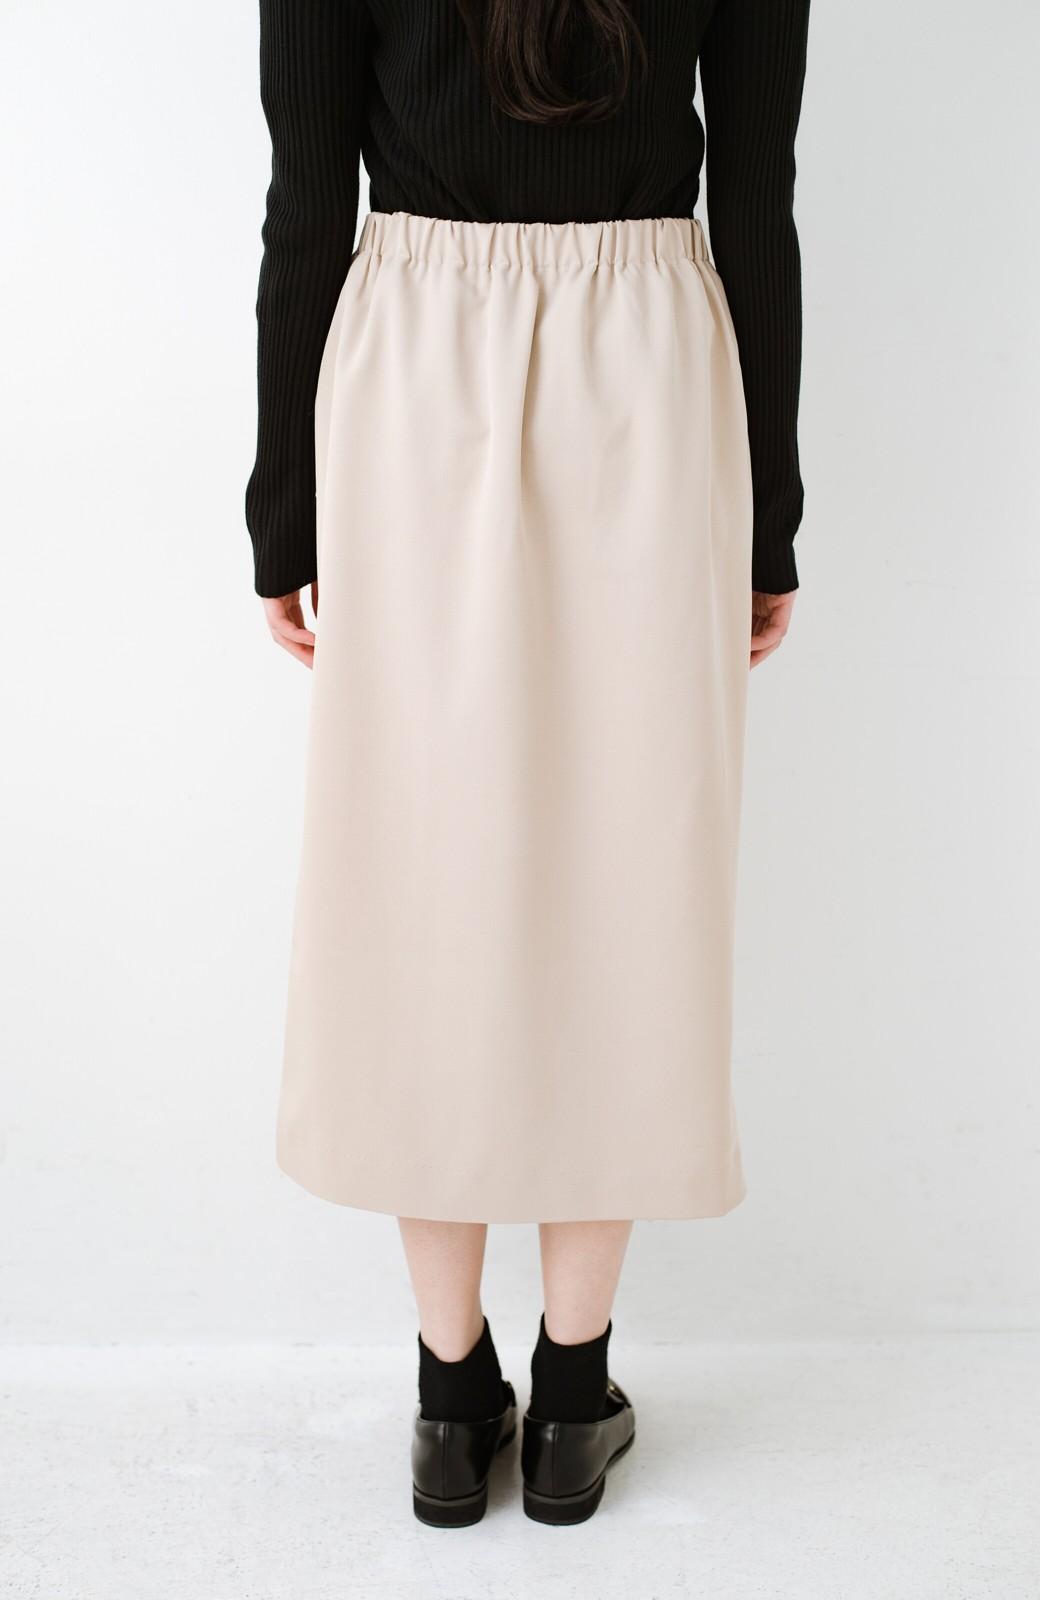 haco! いざというとき困らないための 大人のフォーマルジャケット・スカート2点セット by que made me <ベージュ>の商品写真23